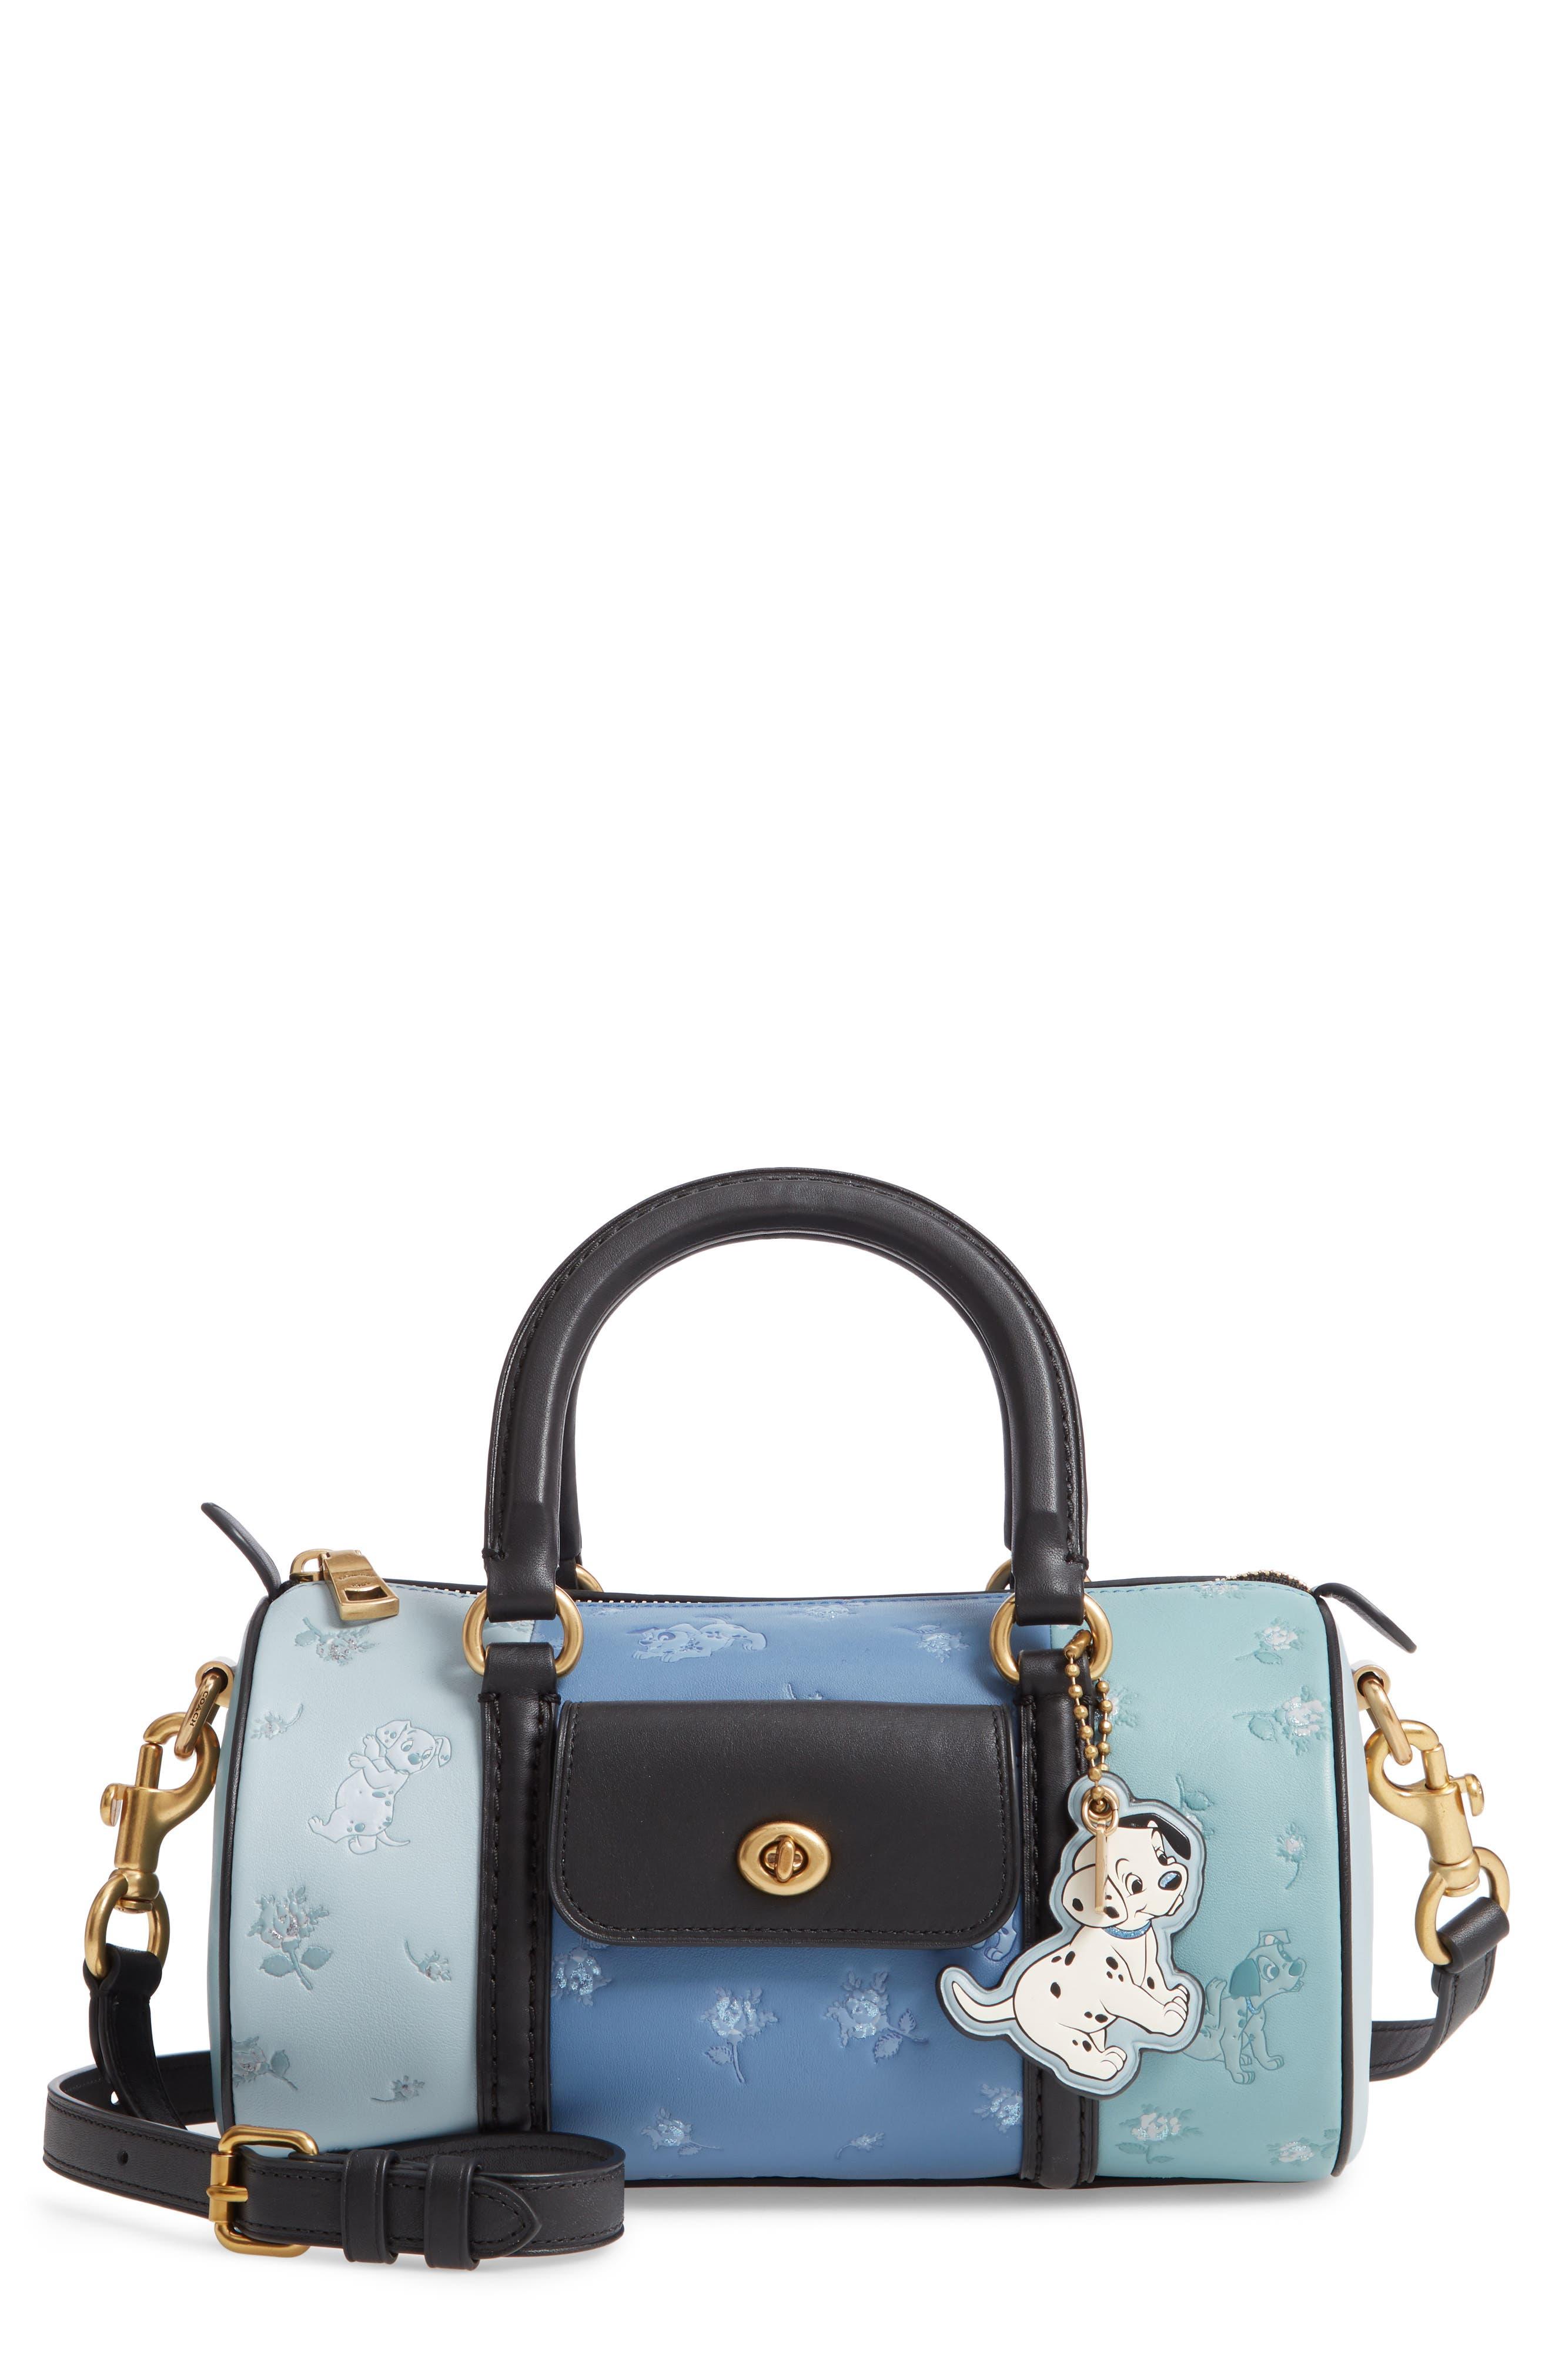 Disney x COACH 101 Dalmatians Leather Barrel Bag, Main, color, 402